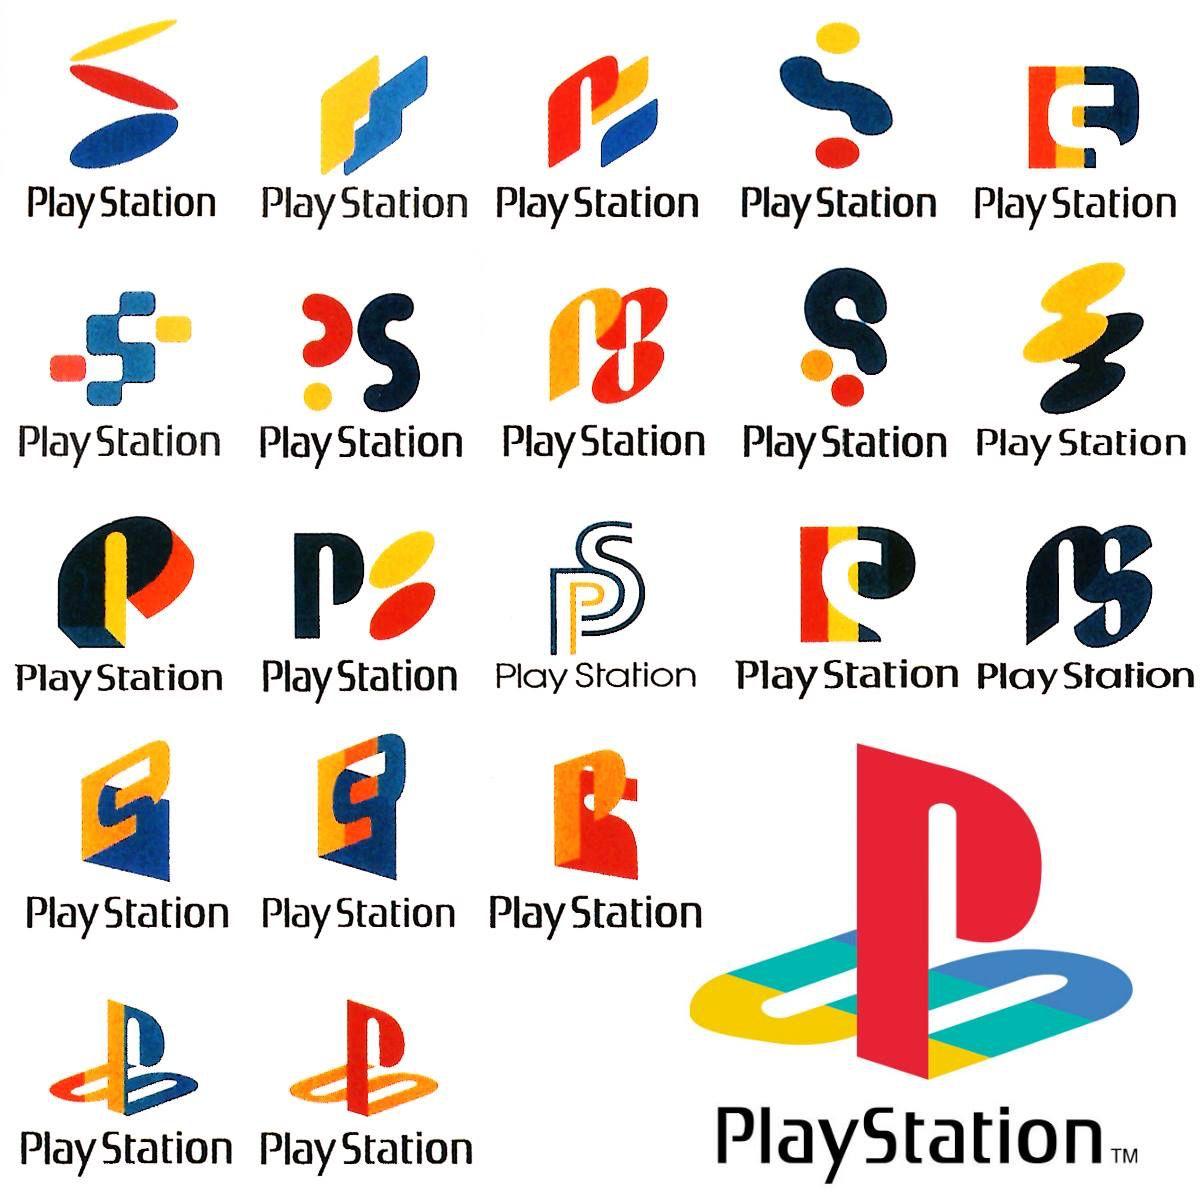 任天堂 ロゴ 類似 - Google 検索